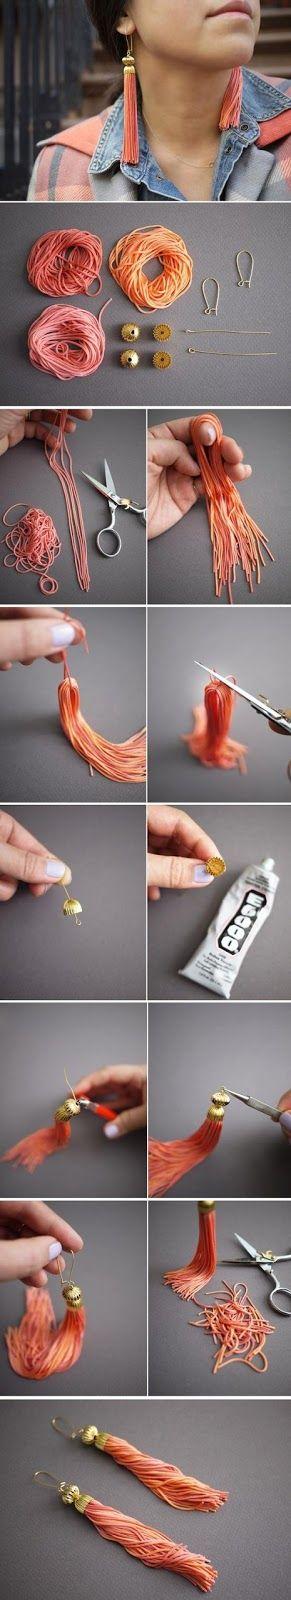 DIY earring ideas